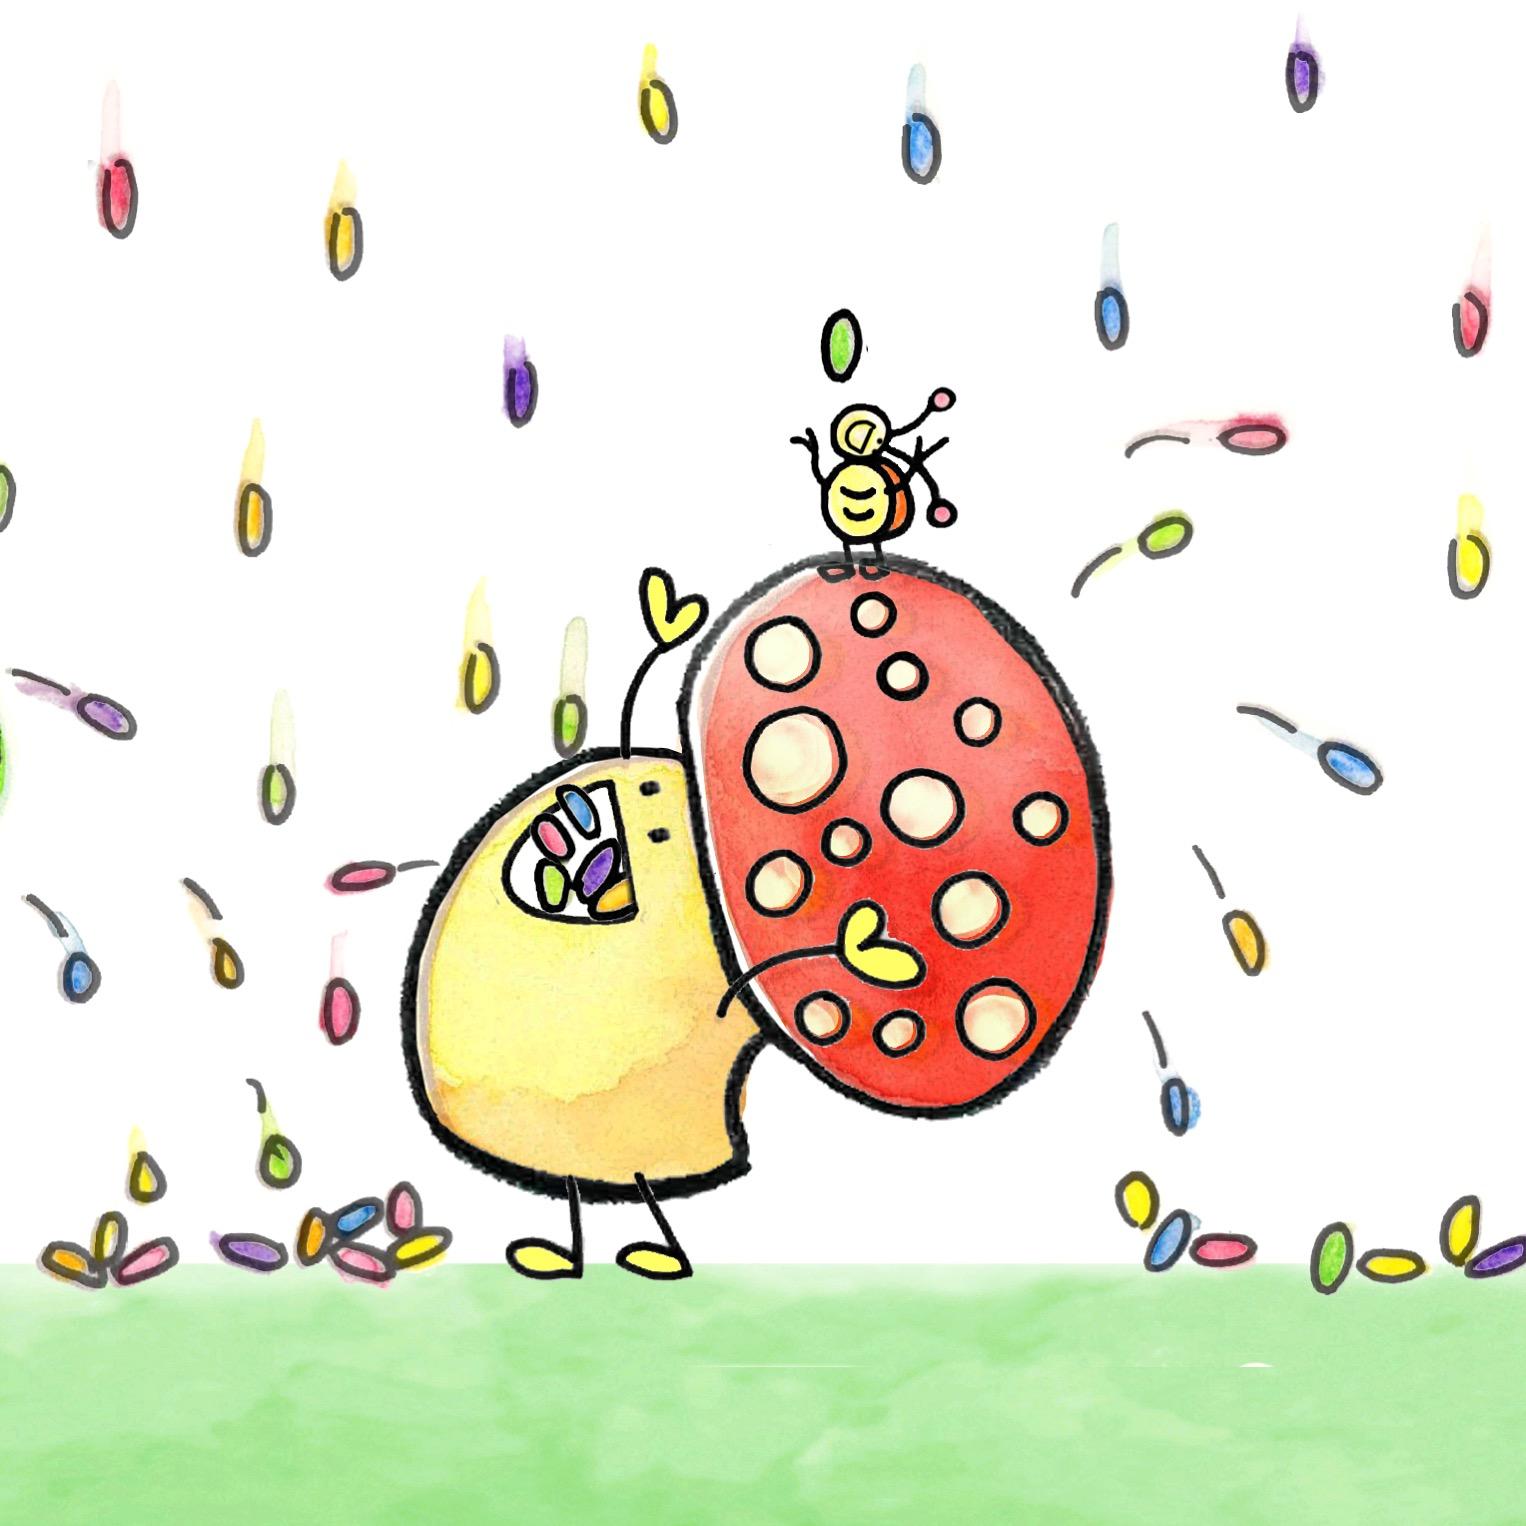 Ladybug Mushroom